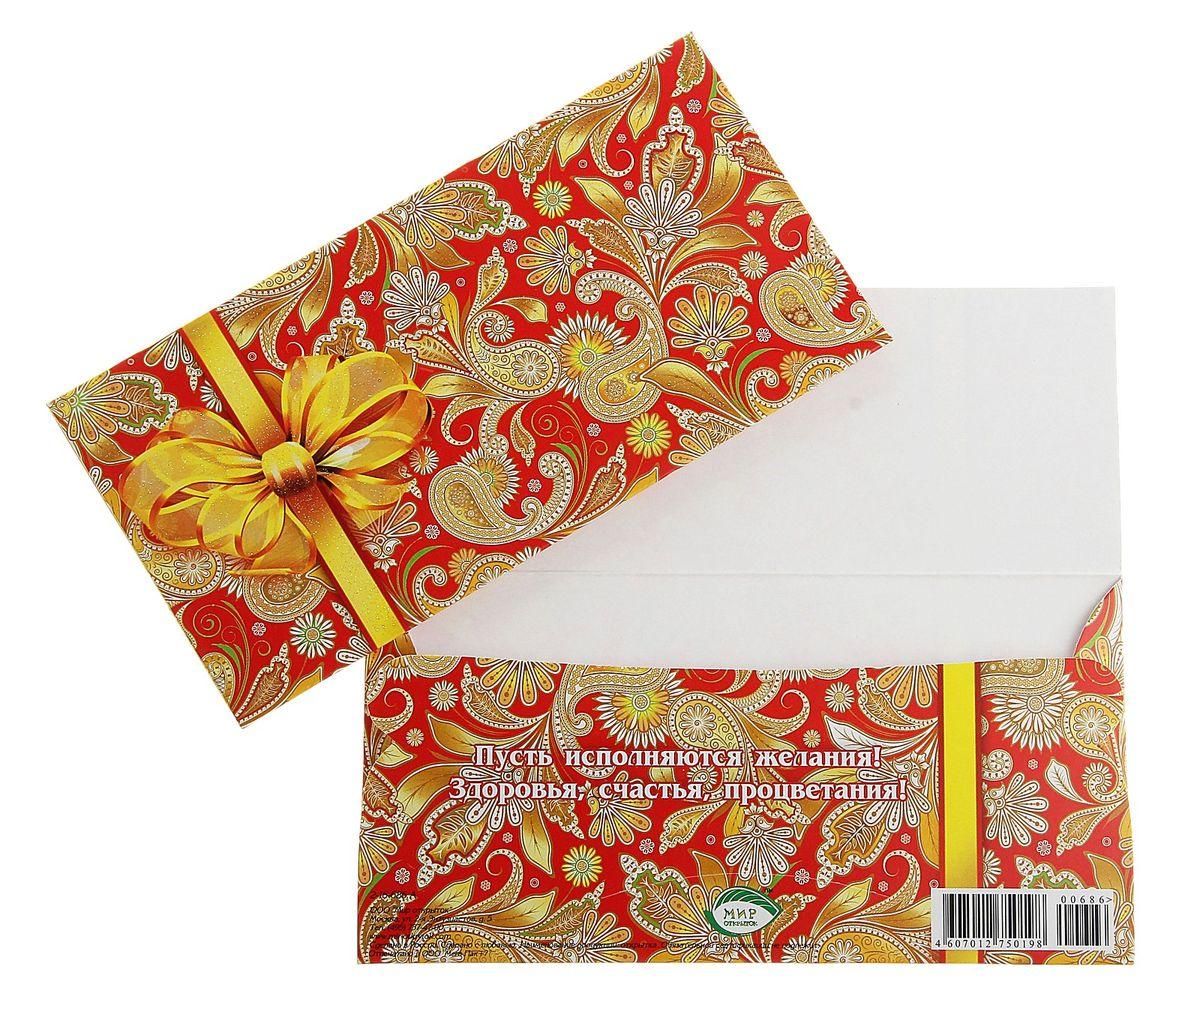 Конверт для денег Sima-land. 778397778397Конверт для денег Sima-land выполнен из плотной бумаги и украшен яркой картинкой.Это необычная красивая одежка для денежного подарка, а так же отличная возможность сделать его более праздничным и создать прекрасное настроение! Конверт Sima-land- идеальное решение, если вы хотите подарить деньги. Конверт содержит небольшое поздравительное стихотворение.